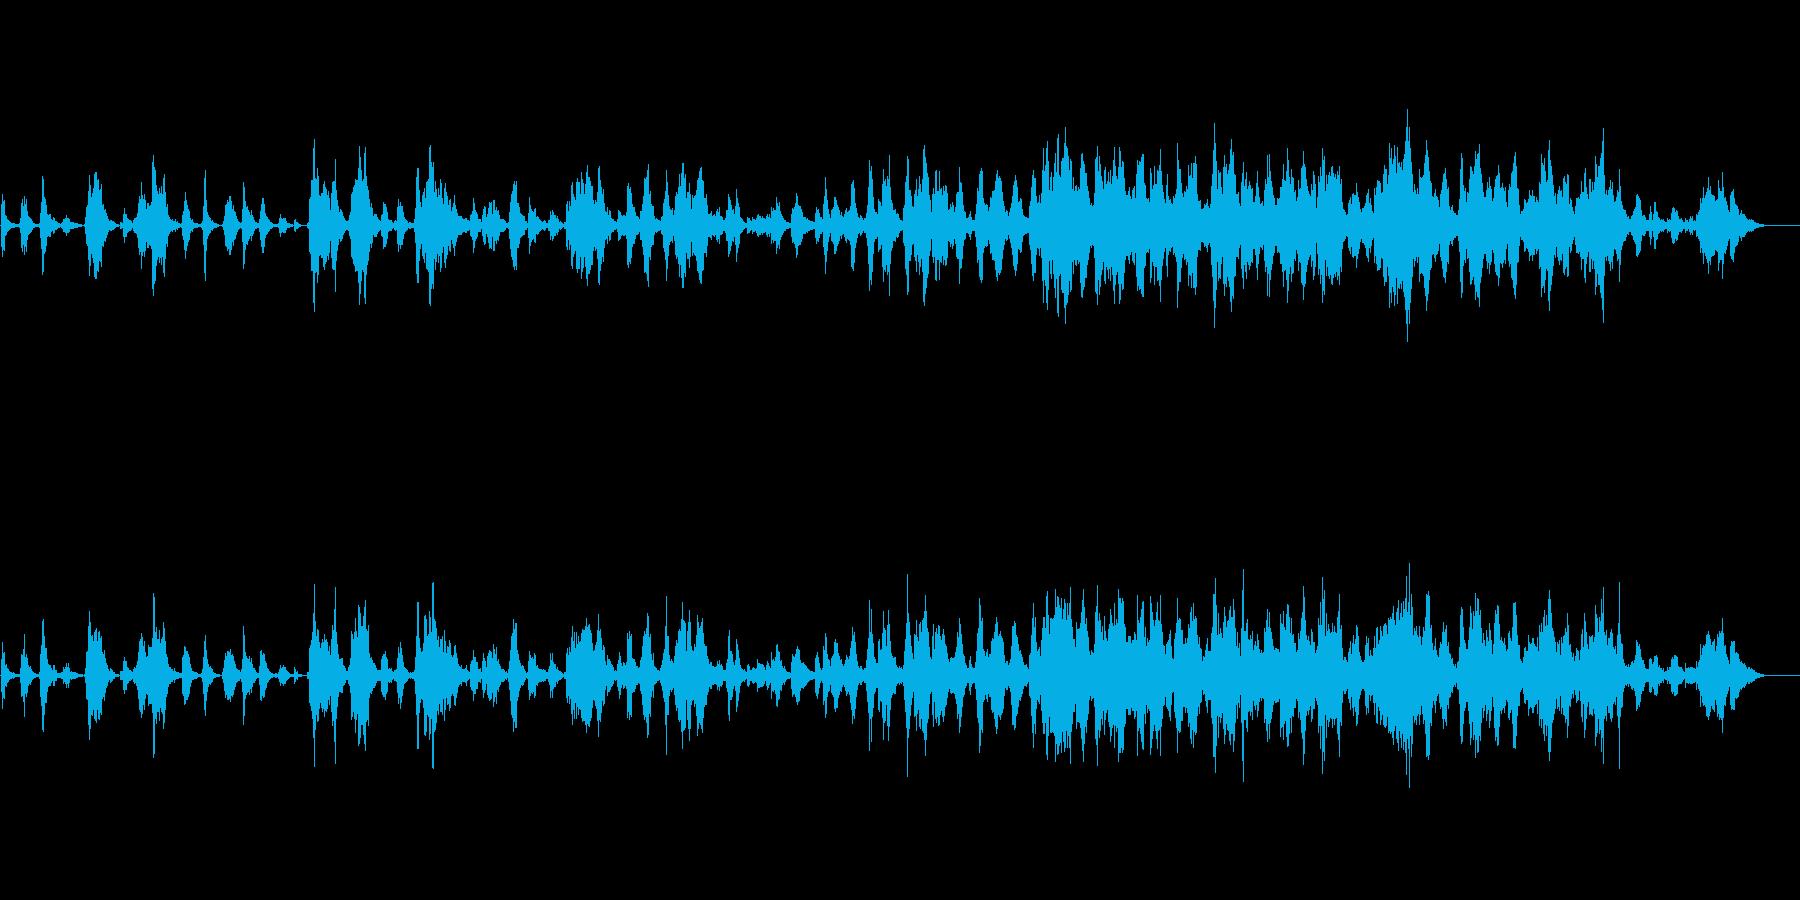 ピアノでドラマティックに盛り上げる曲の再生済みの波形